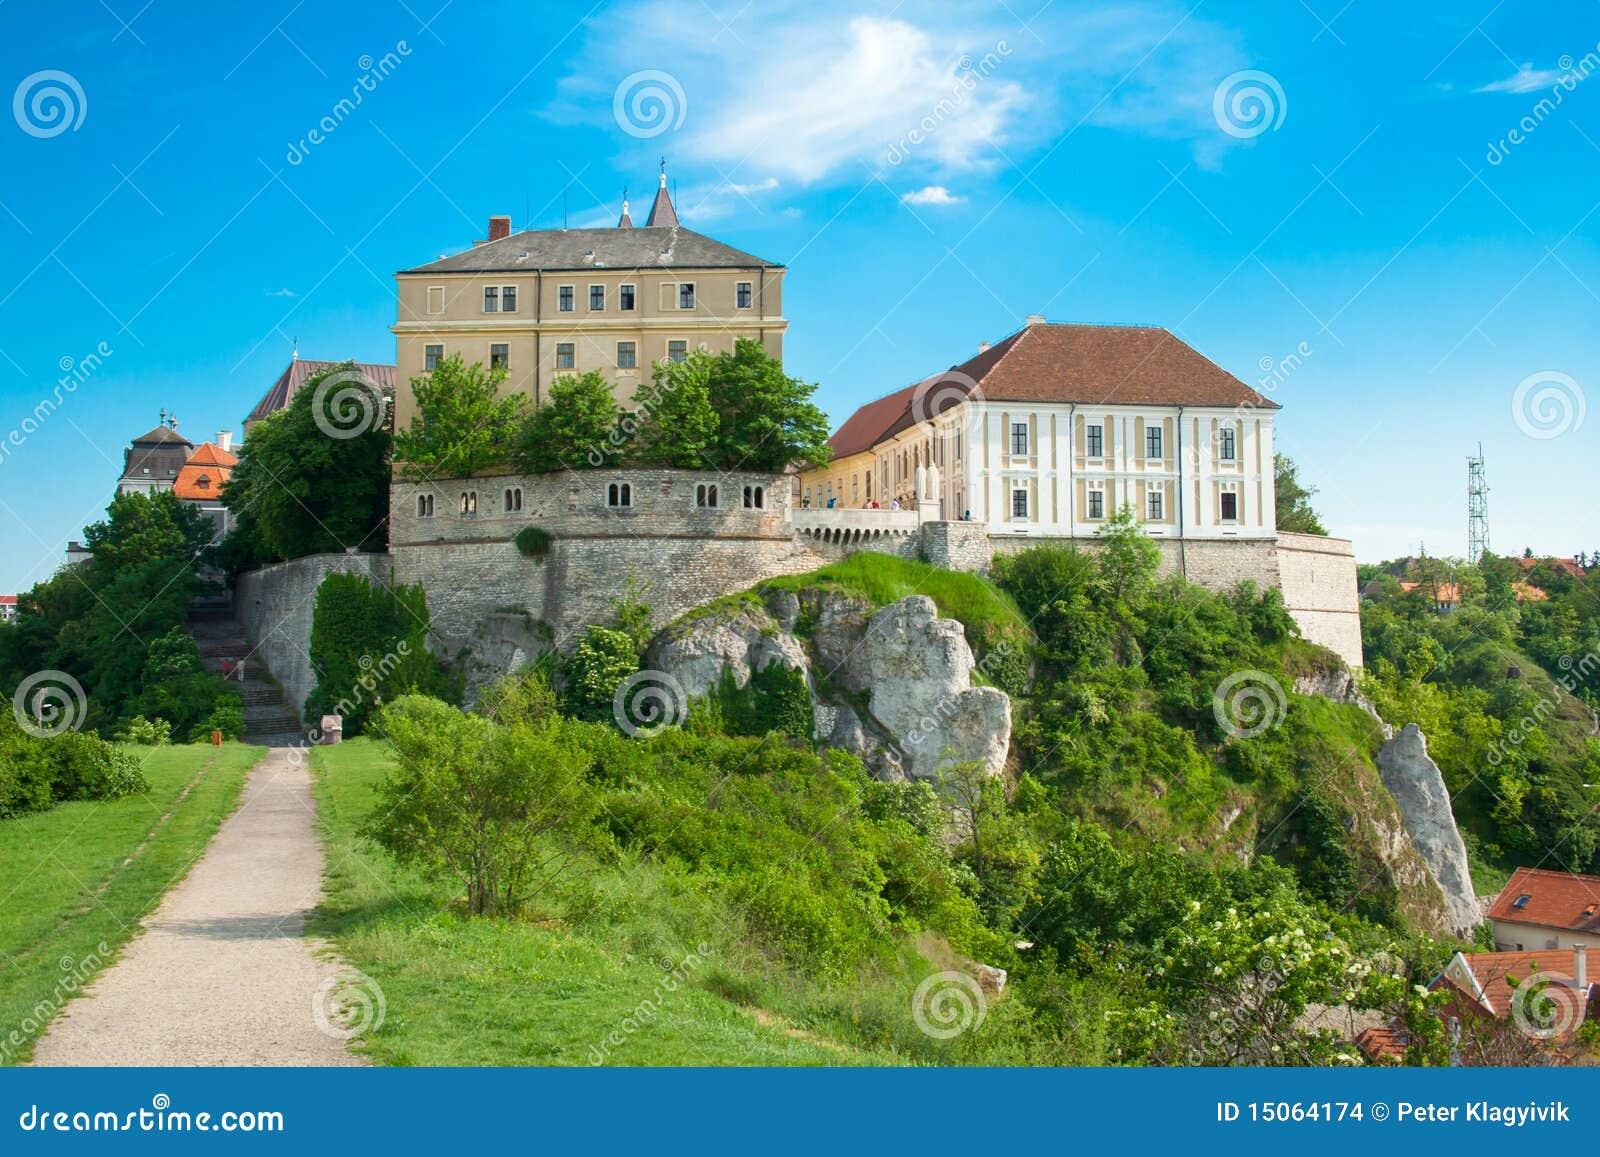 Veszprem Hungary  city pictures gallery : Castle In Veszprem, Hungary Stock Images Image: 15064174